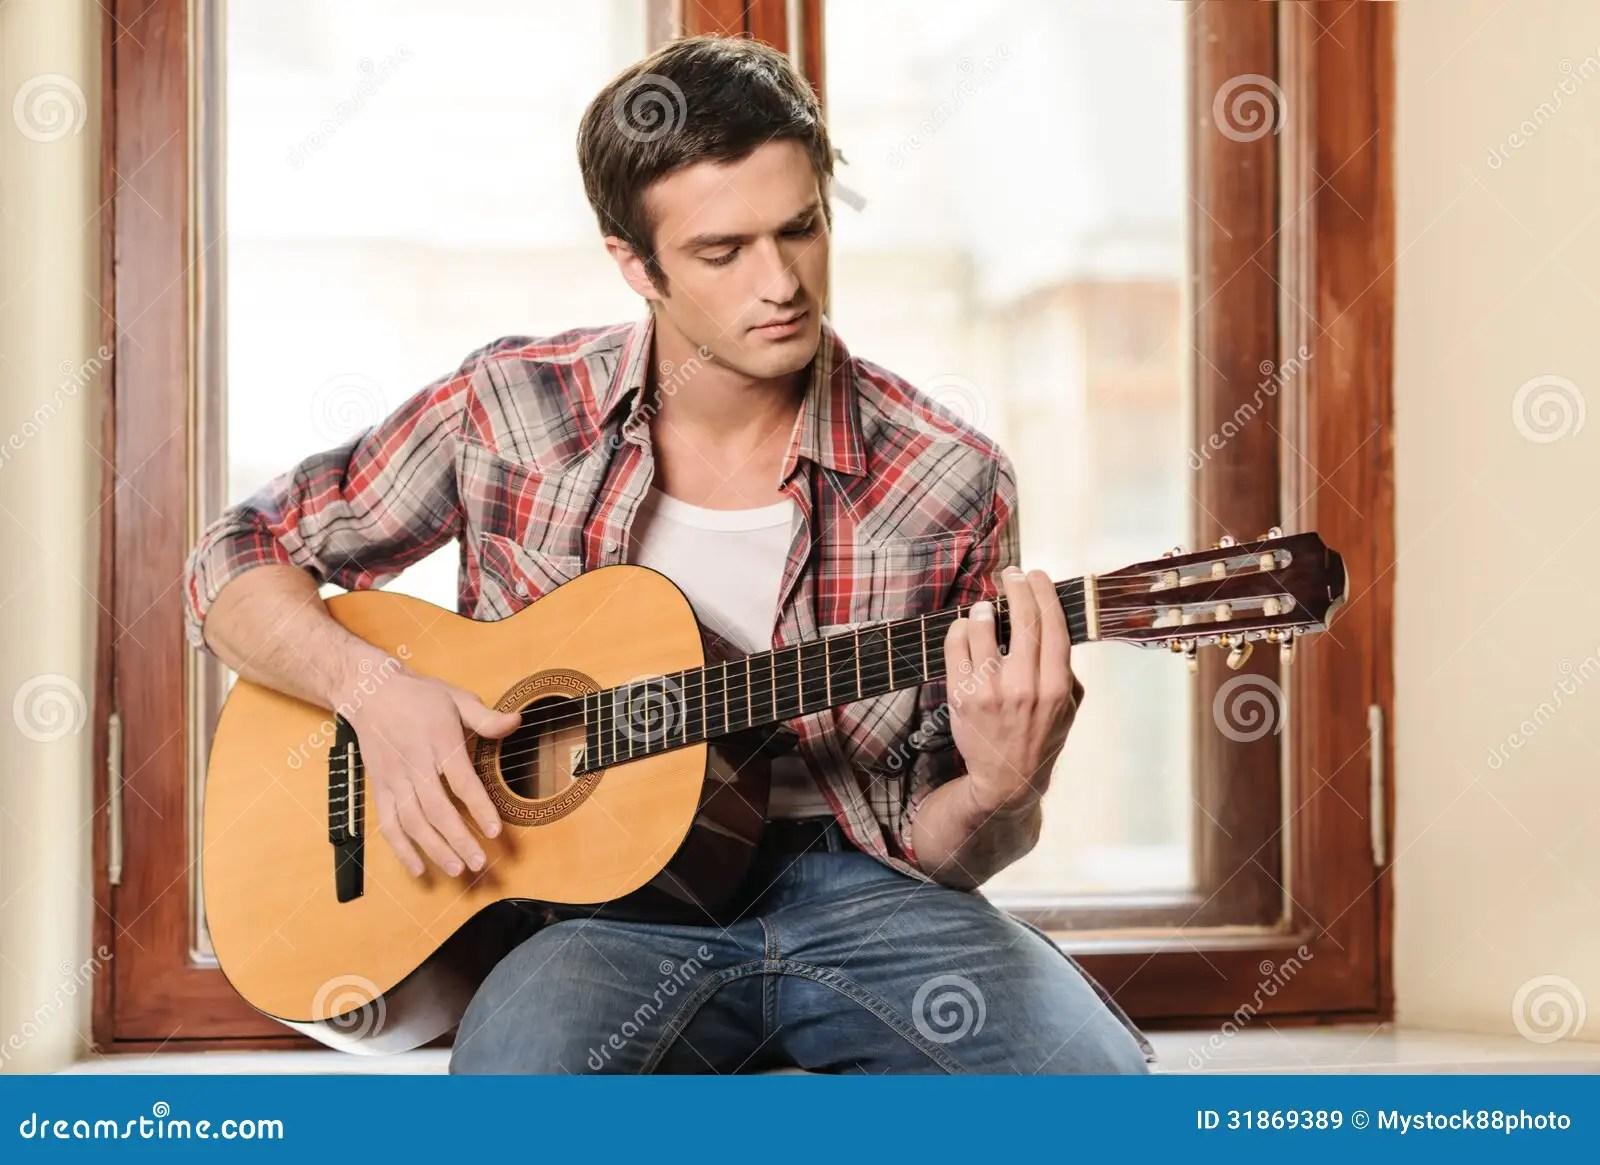 彈吉他的人 免版稅庫存圖片 - 圖片: 31869389